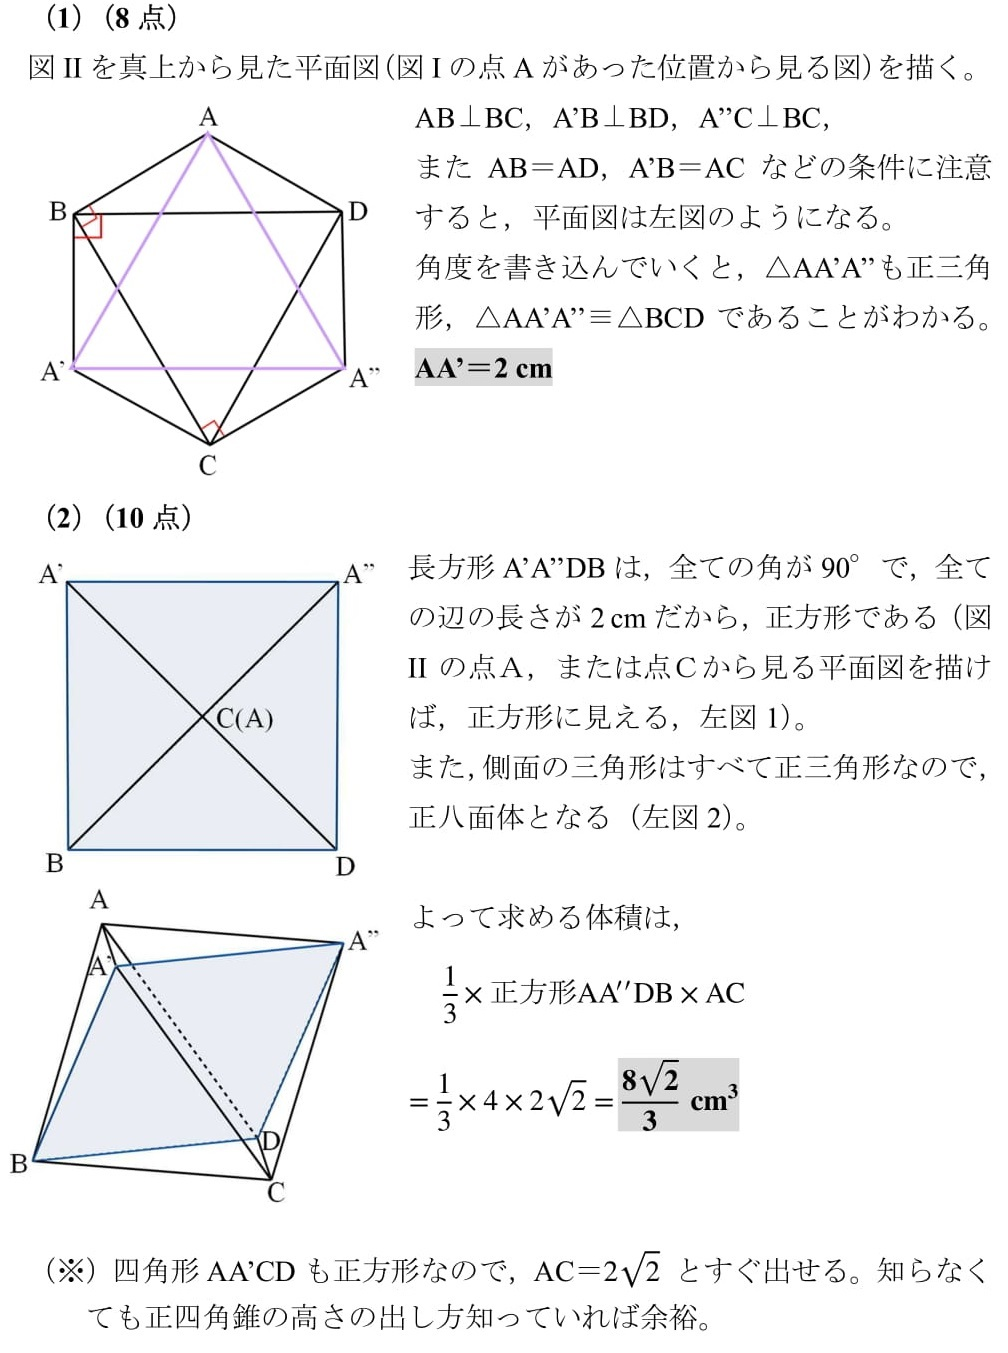 2011 渋幕 高校入試 数学 良問 難問 解答 解説 正四面体 正八面体 空間図形